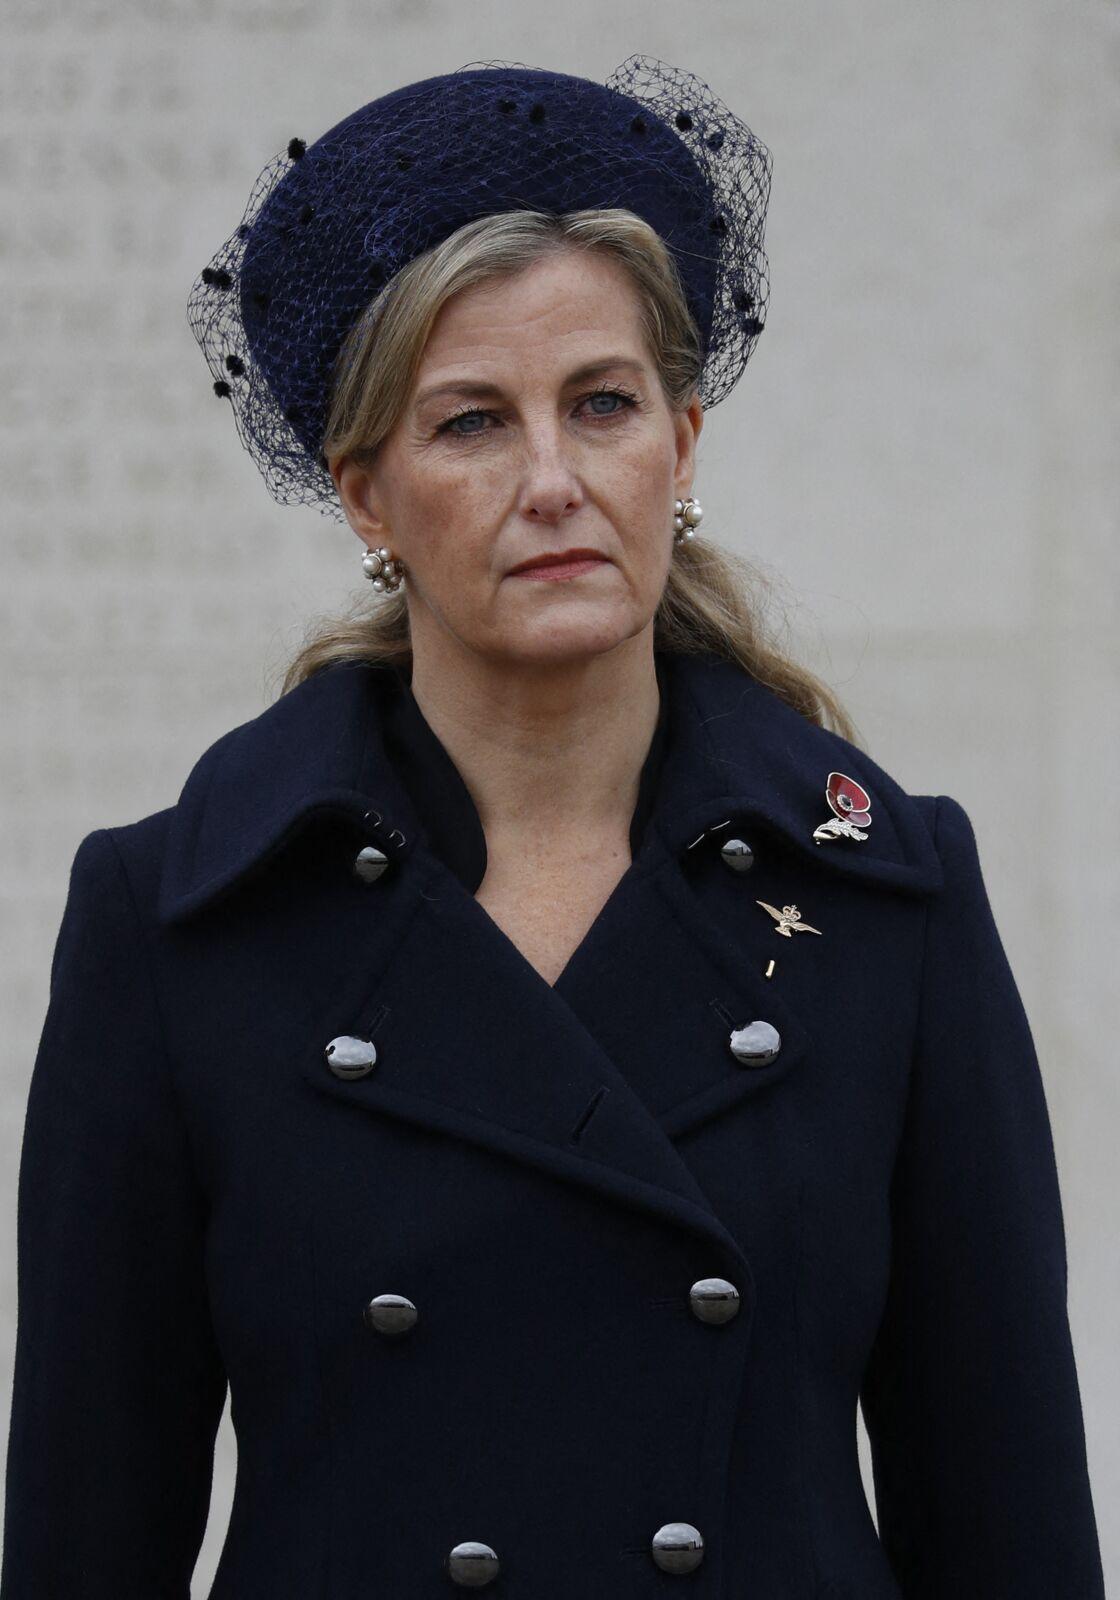 De son côté, Sophie de Wessex a, elle aussi, perdu son bébé en décembre 2001. Une première grossesse qui s'était déroulée dans le plus grand des secrets